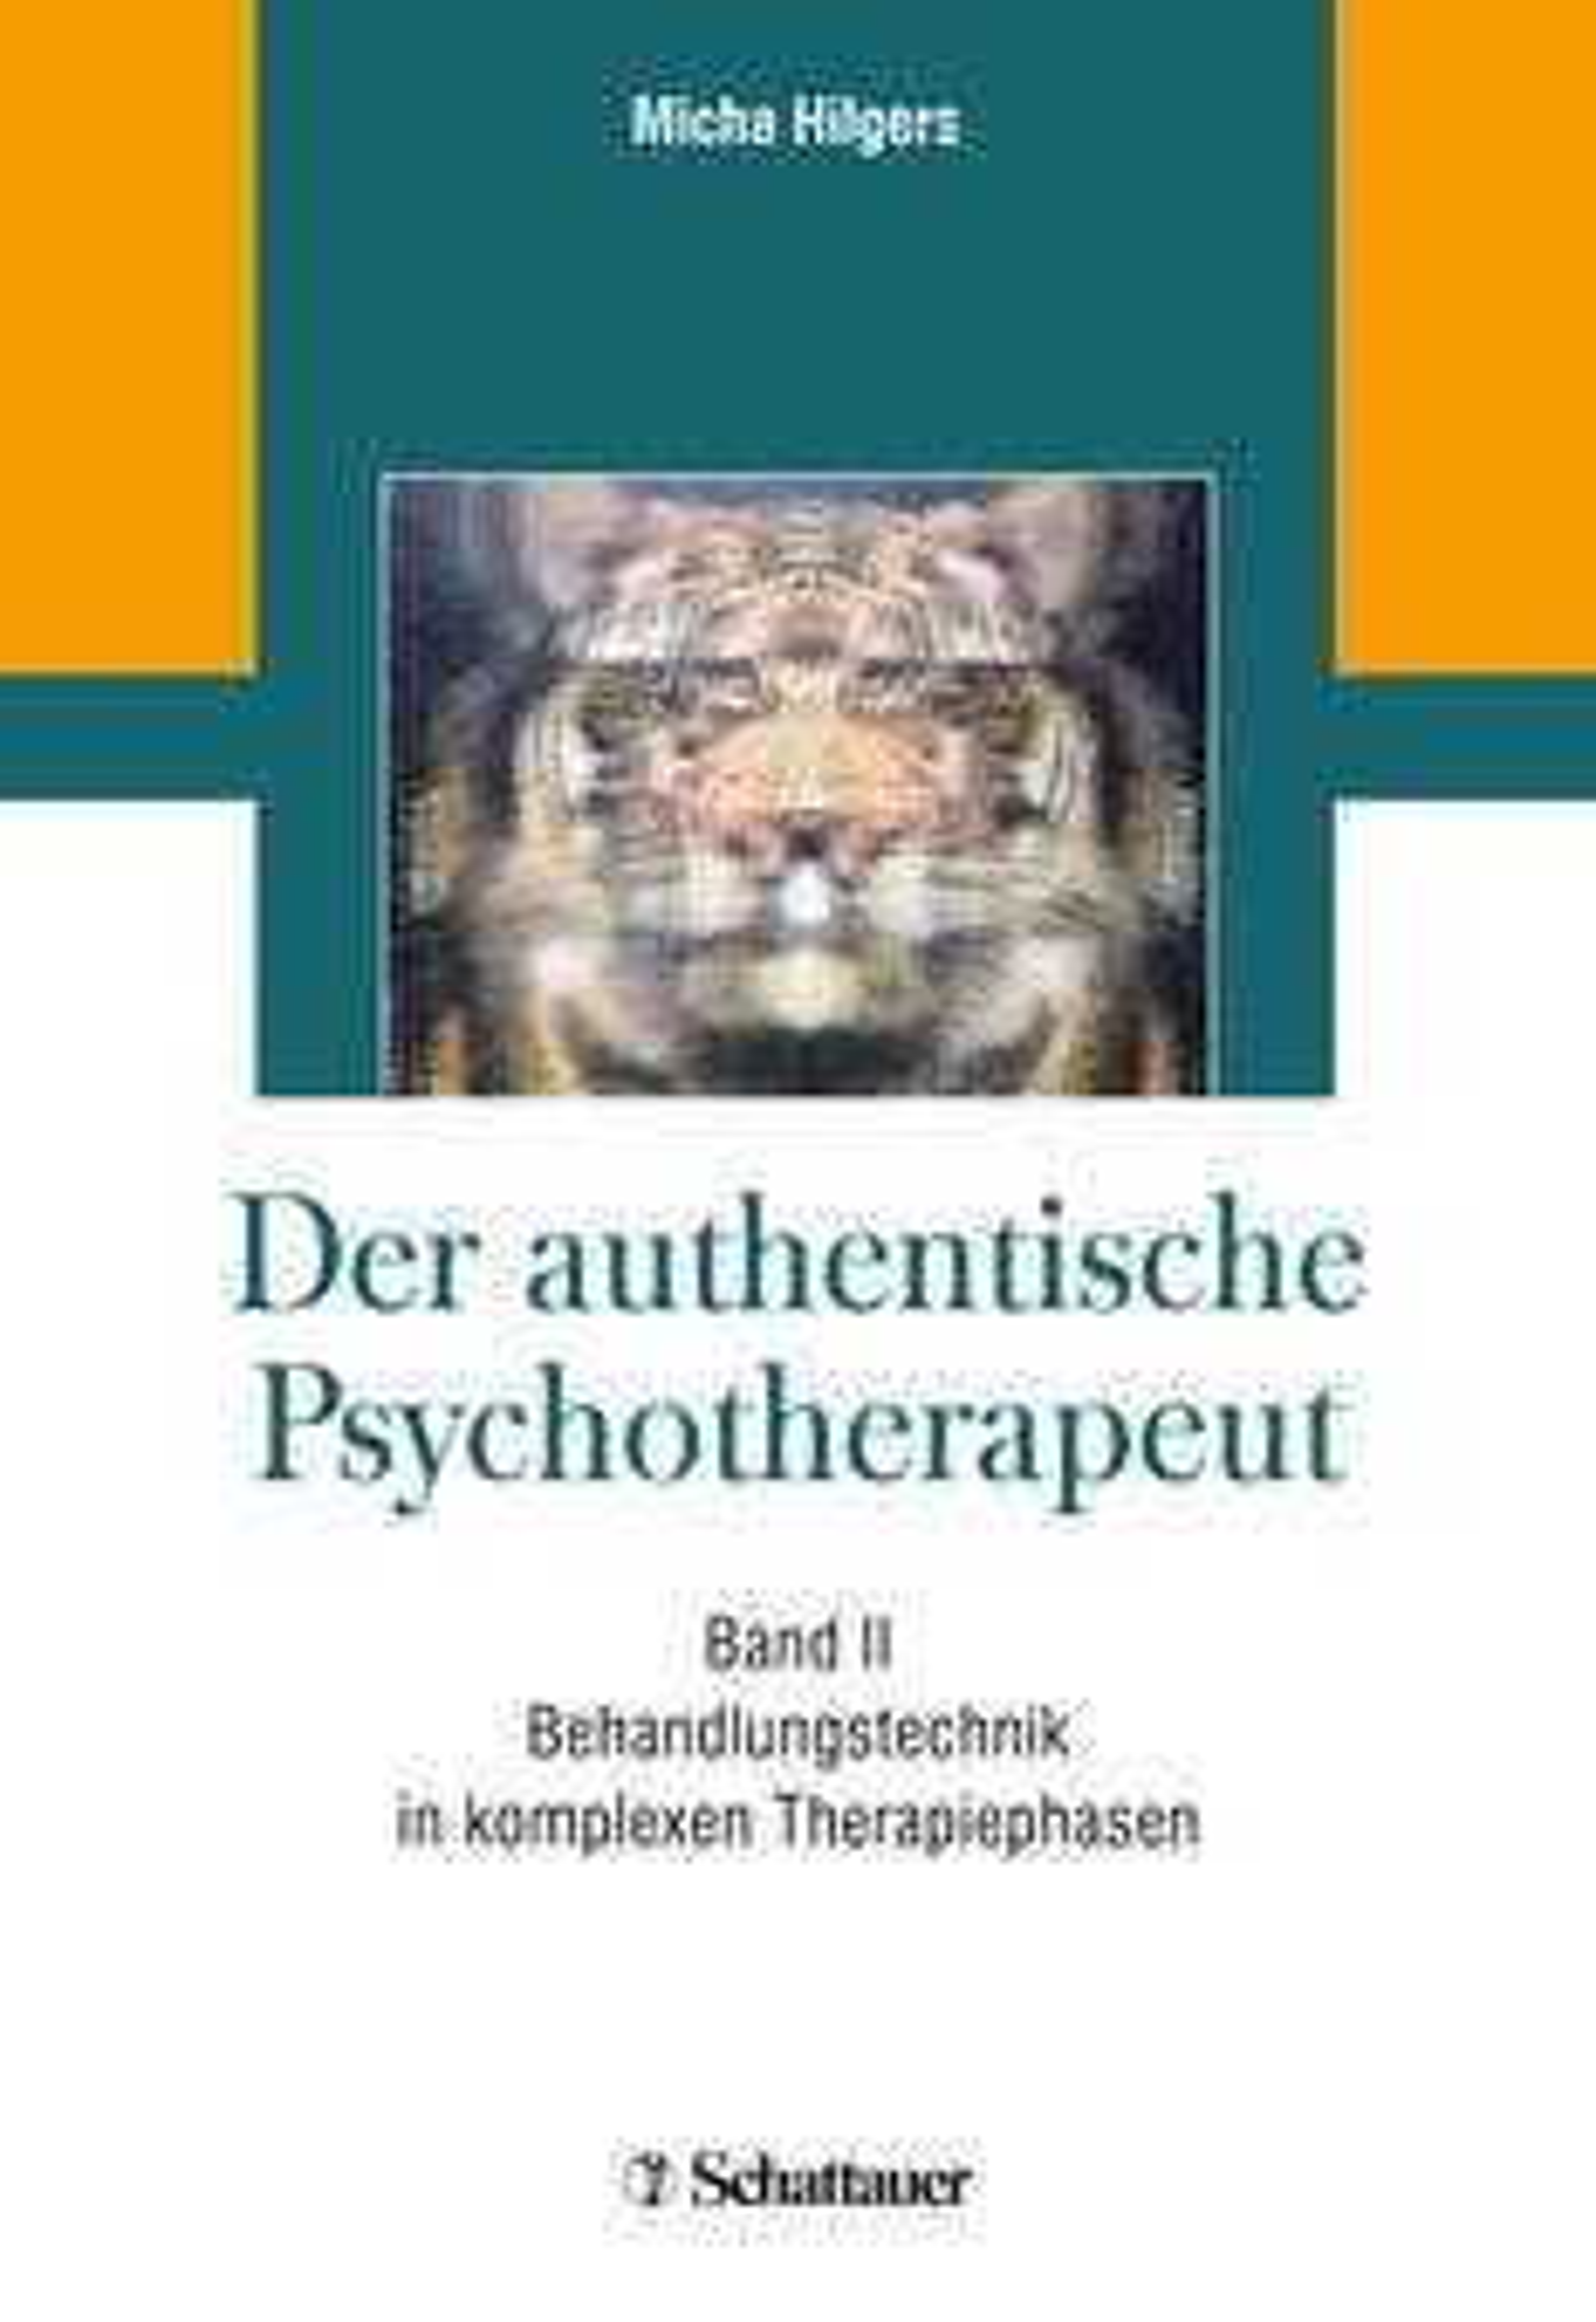 Der authentische Psychotherapeut